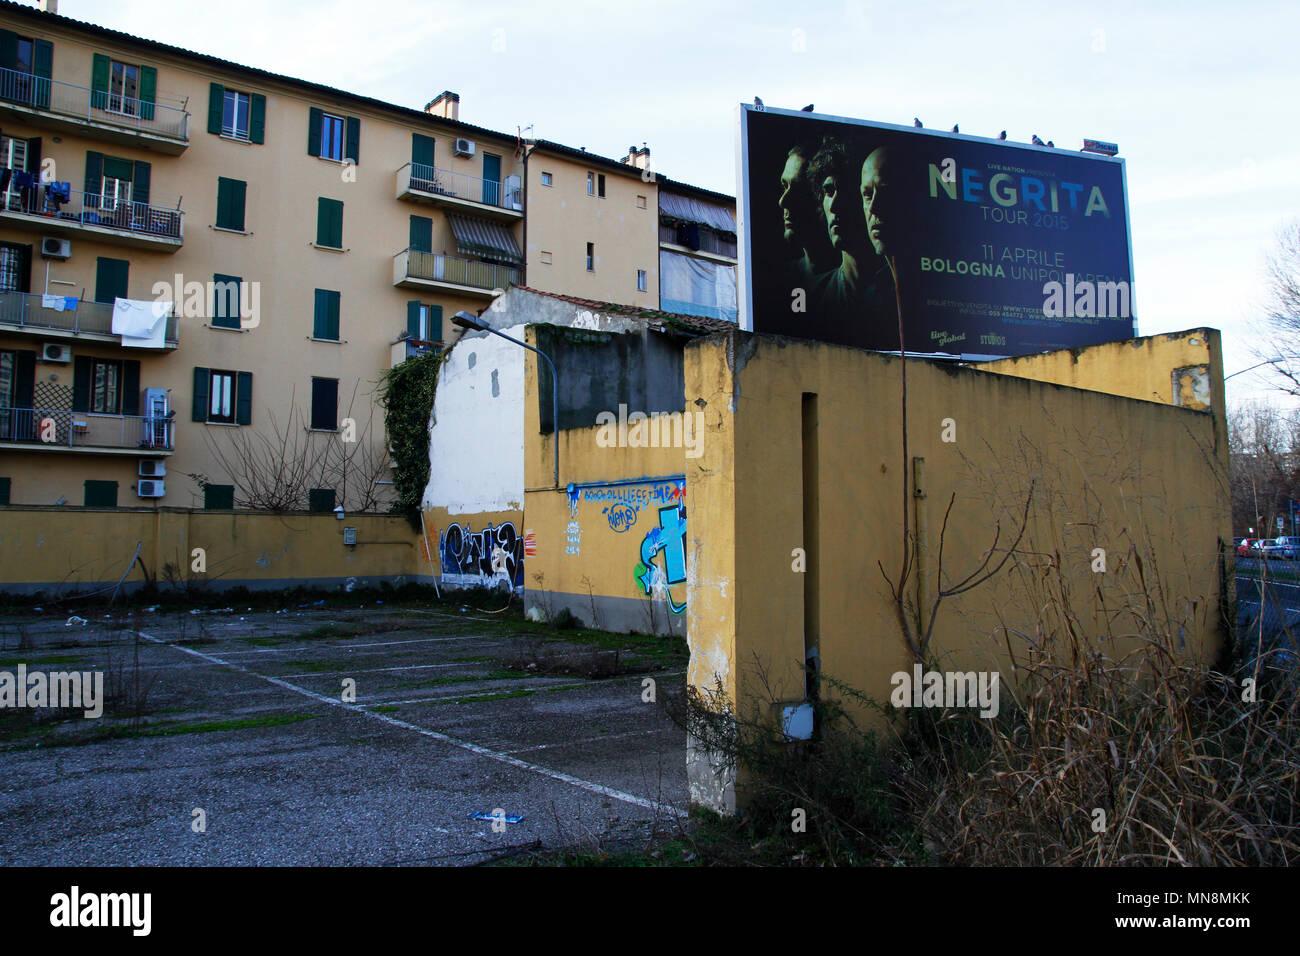 Escenas Urbanas, capturados en los suburbios de la ciudad de Bologna, Italia Foto de stock